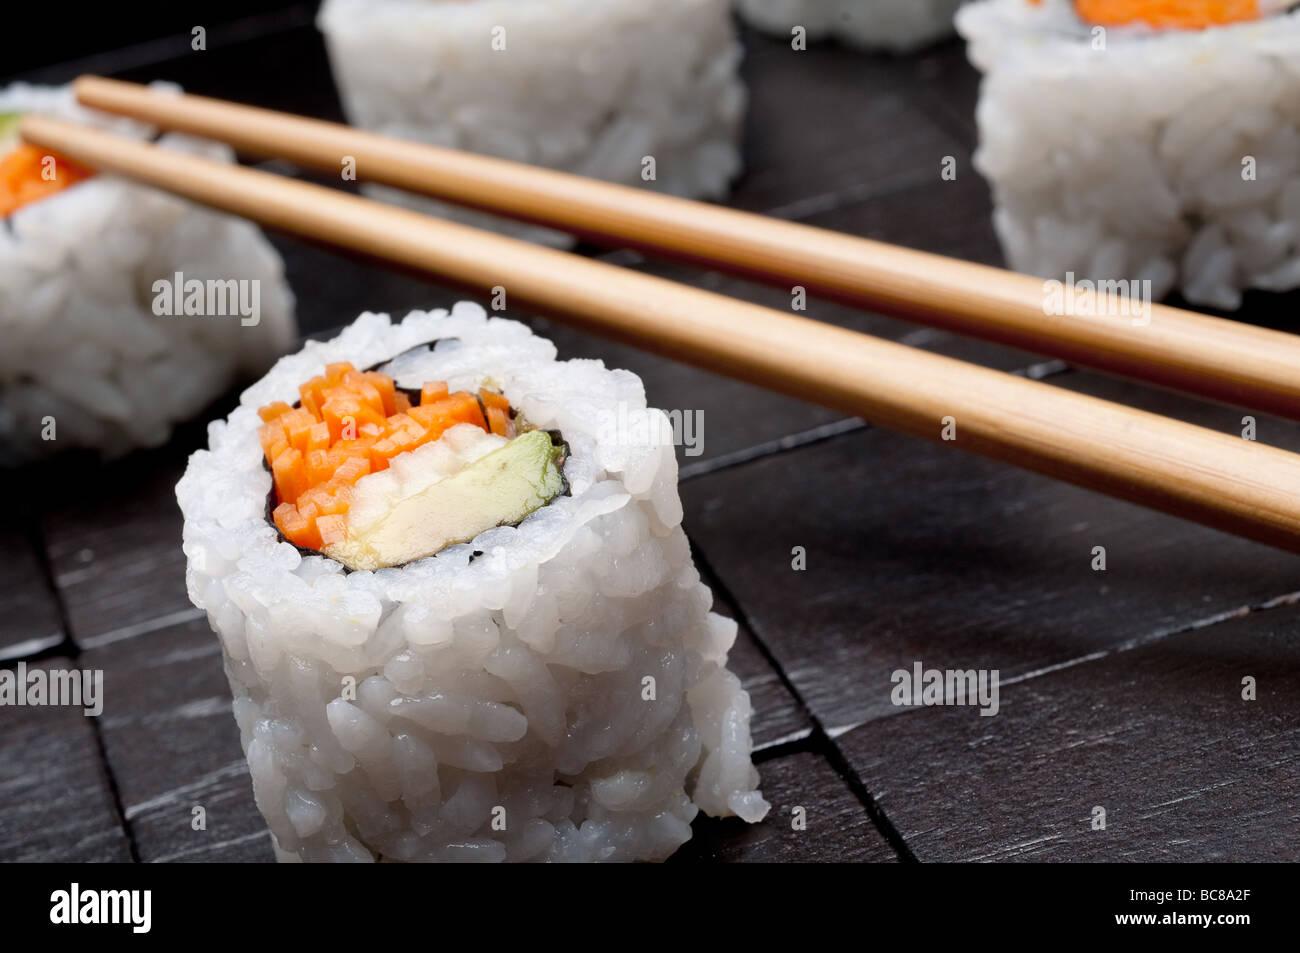 eine geneigte horizontale flachen Fokus Makro Sushi mit Copsticks auf einem schwarzen Hintergrund aus Holz Stockfoto